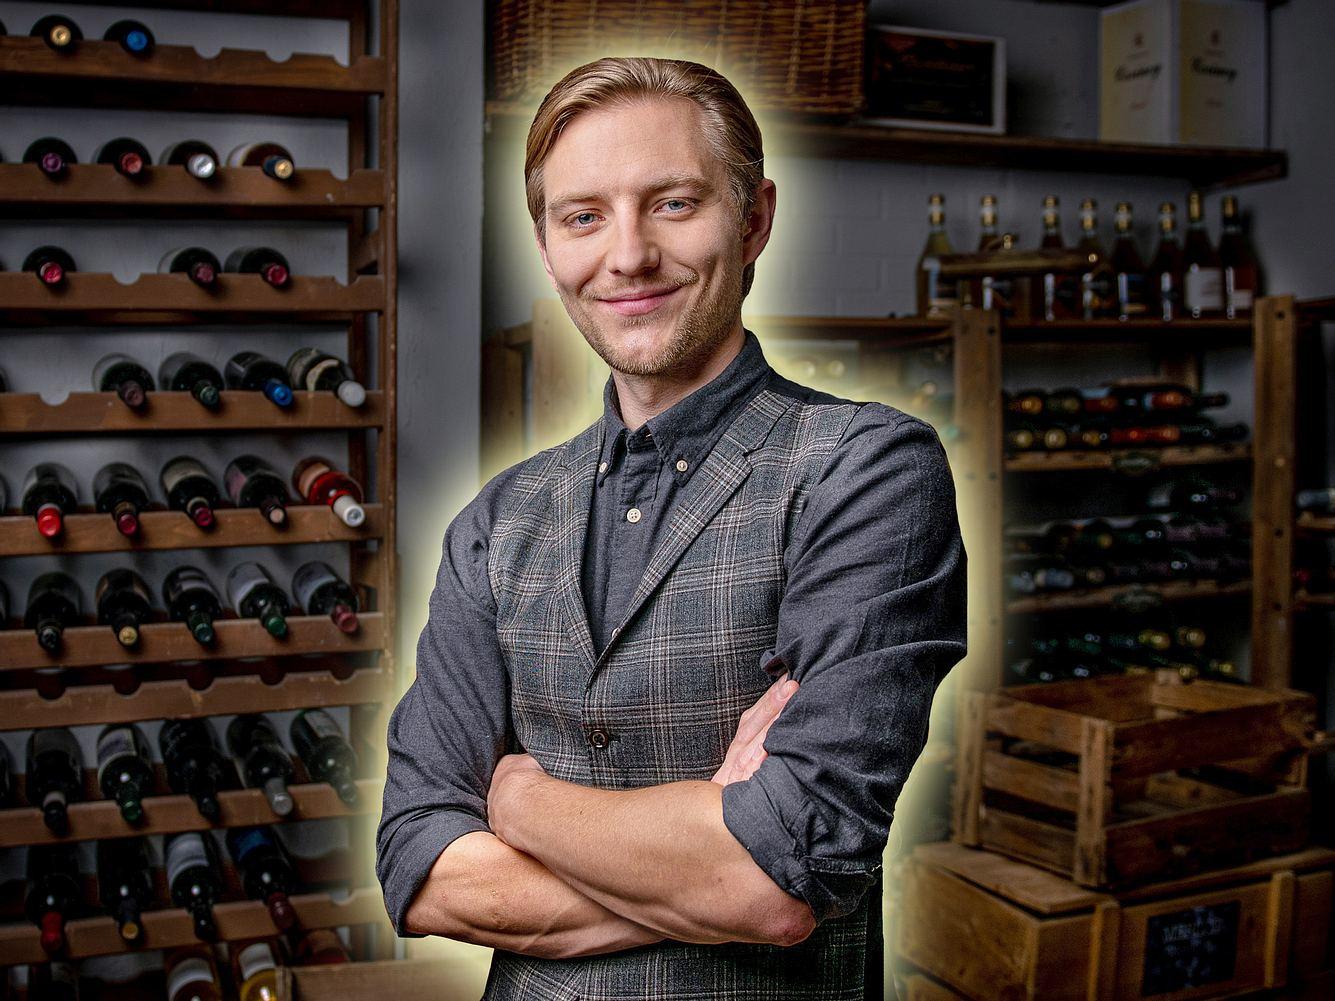 Bei 'Sturm der Liebe' ist Matthias Zera als Henning von Thalheim zu sehen.